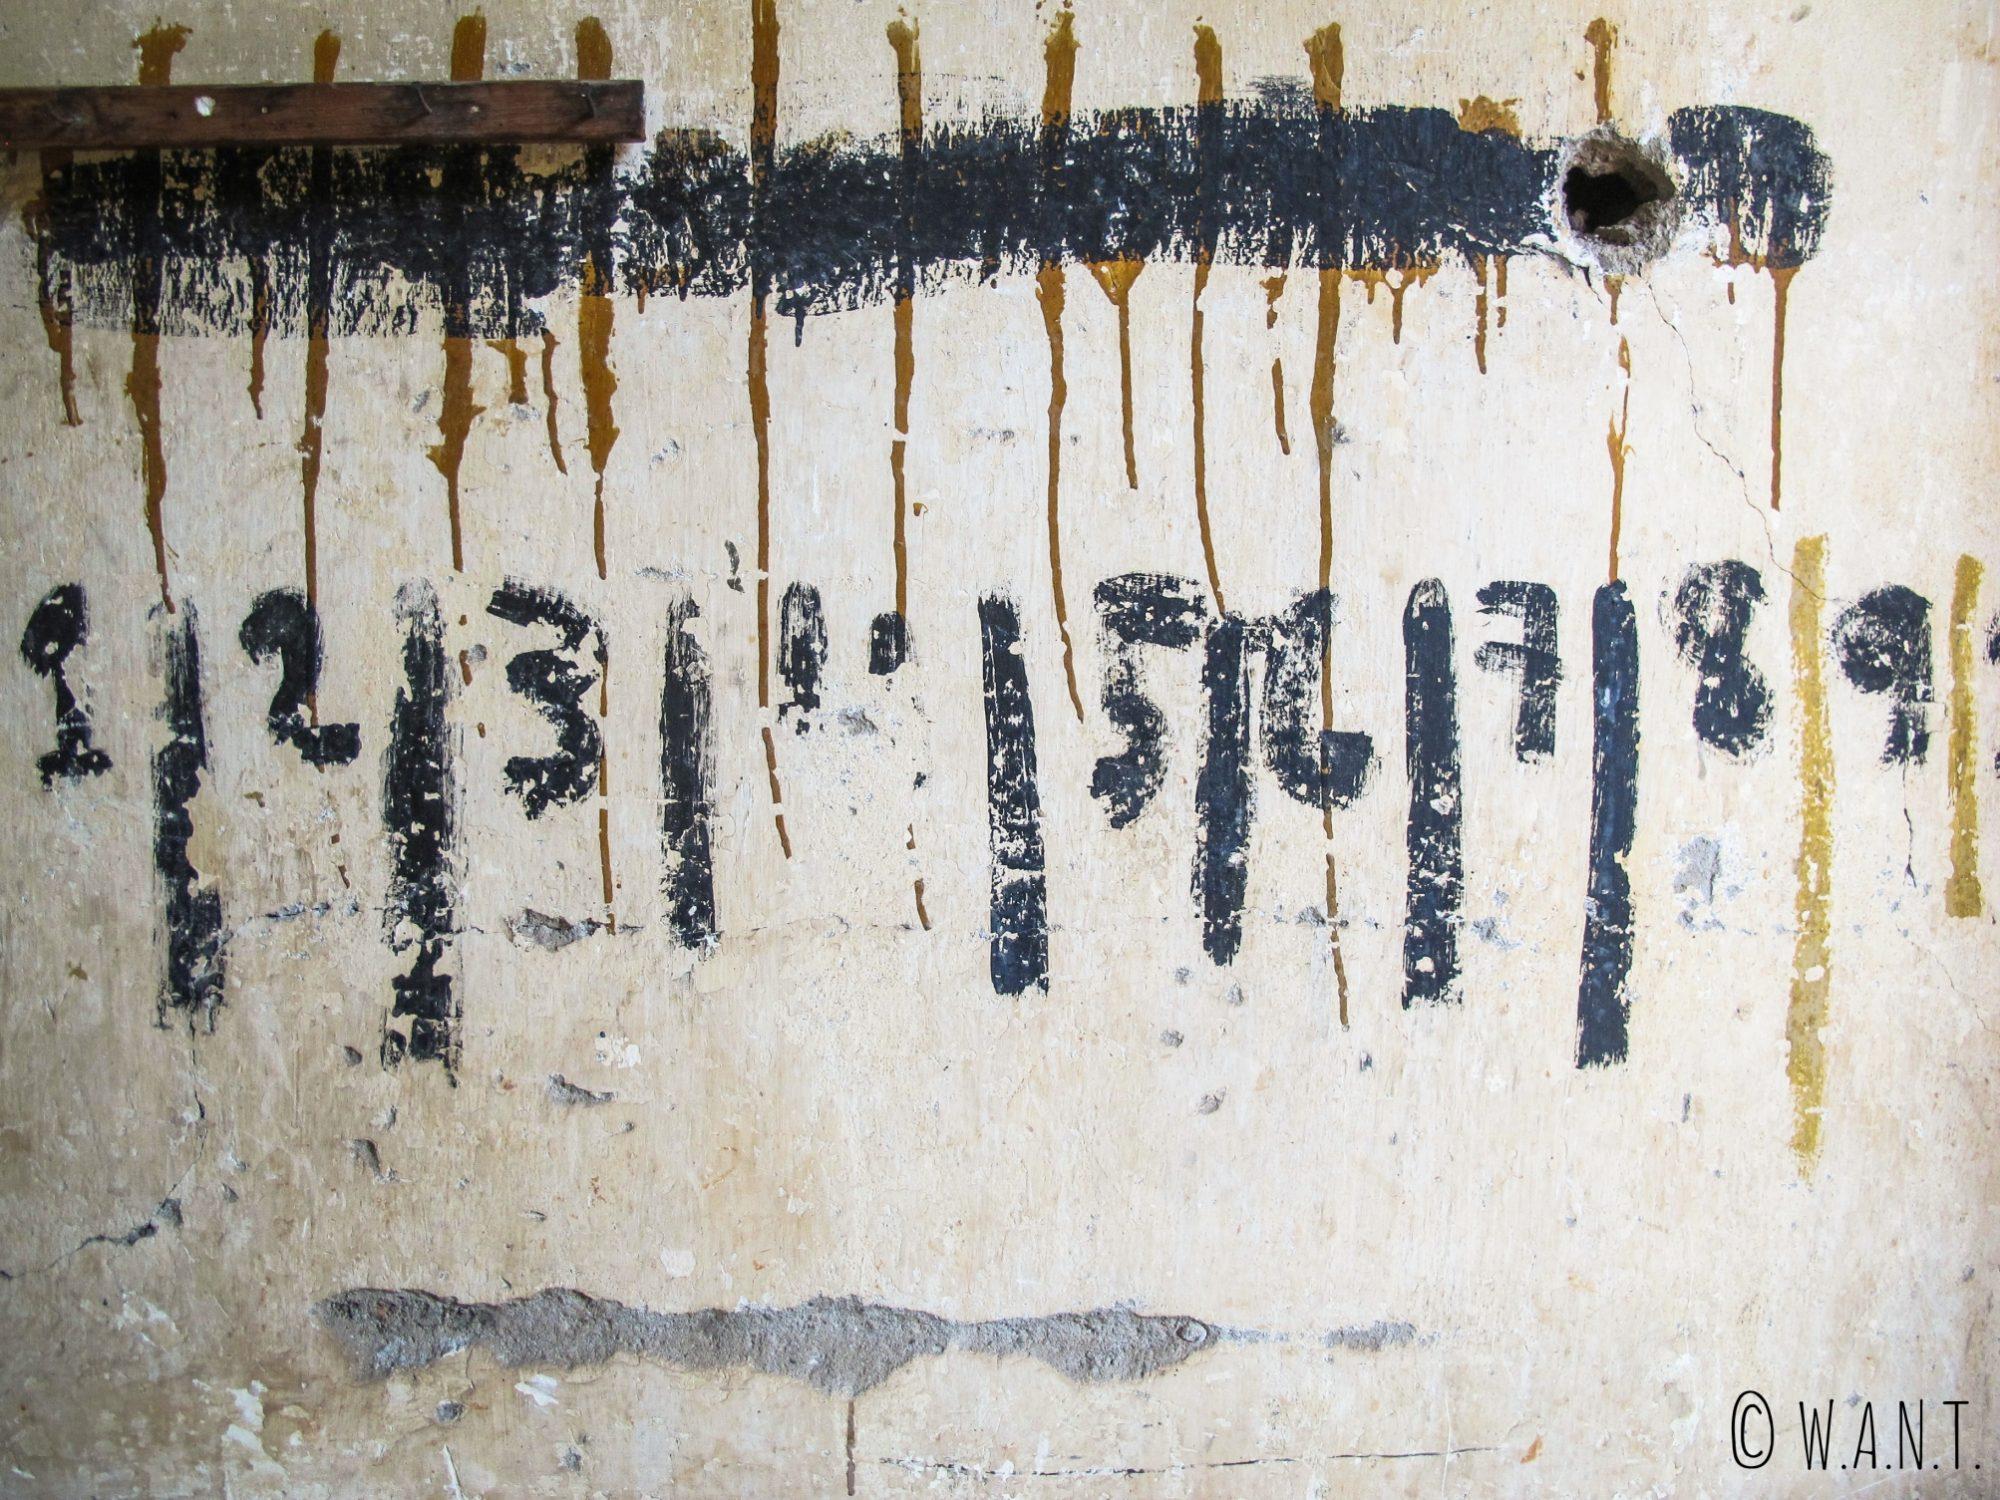 Emplacement pour les clés des cellules de S-21 à Phnom Penh